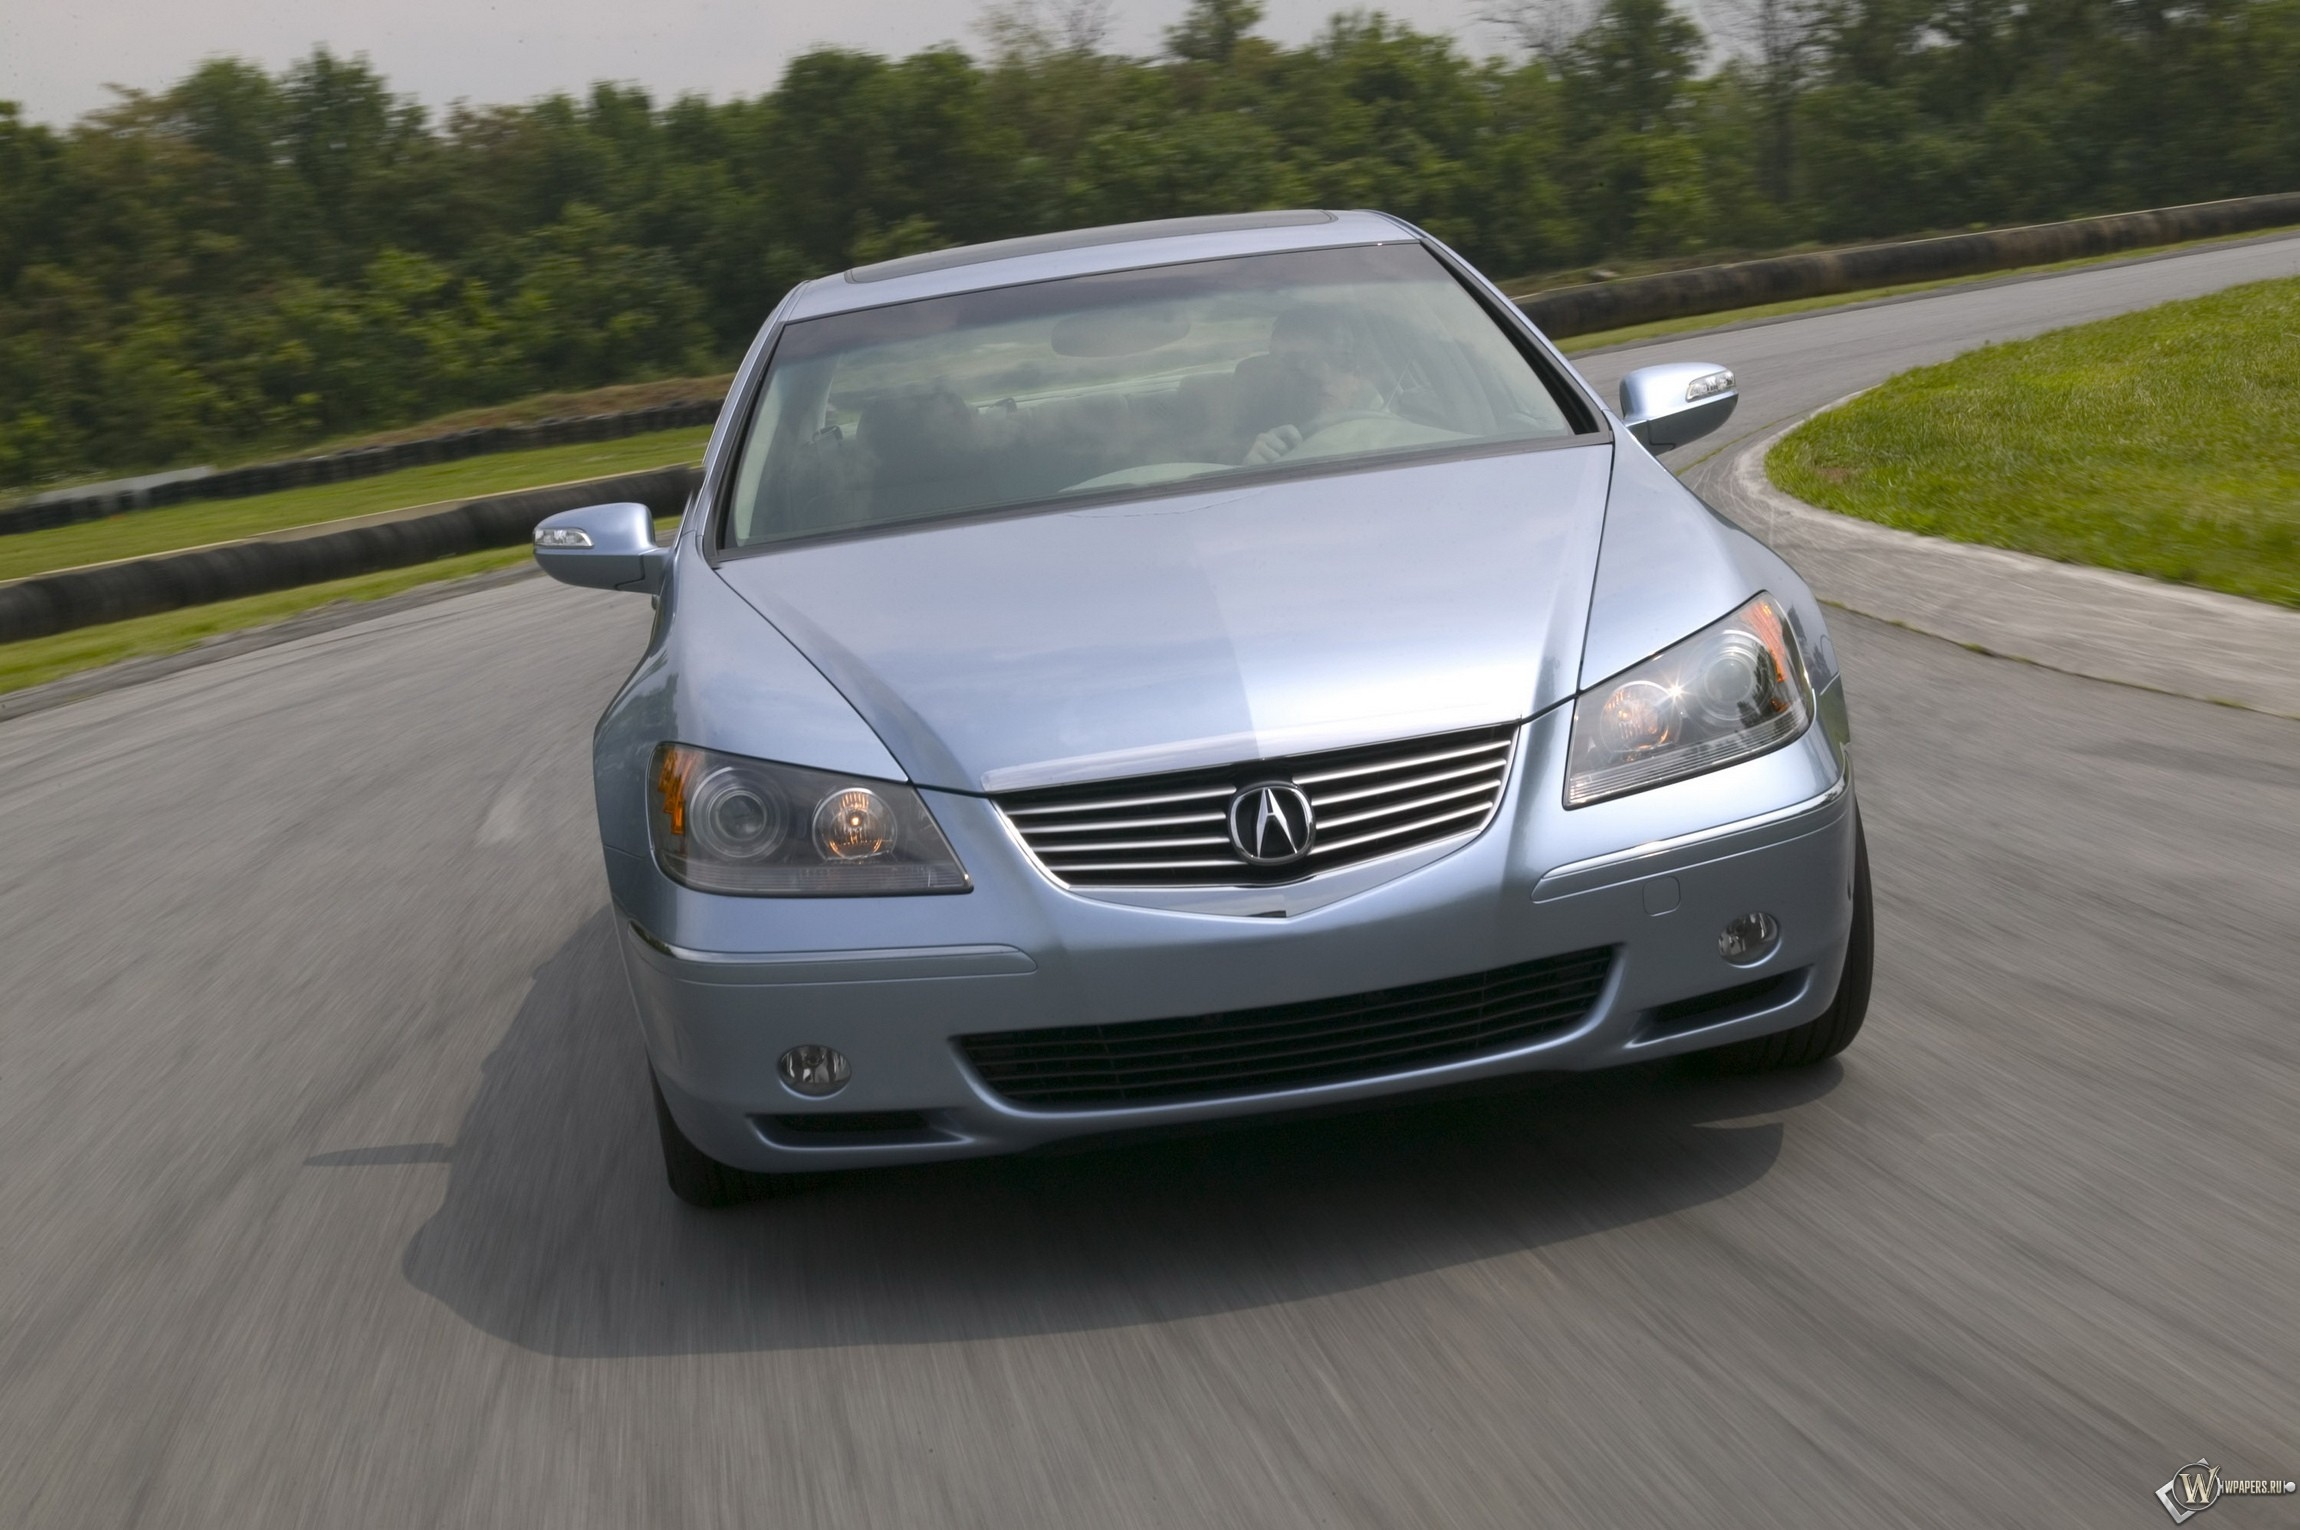 Acura RL (2009) 2300x1530